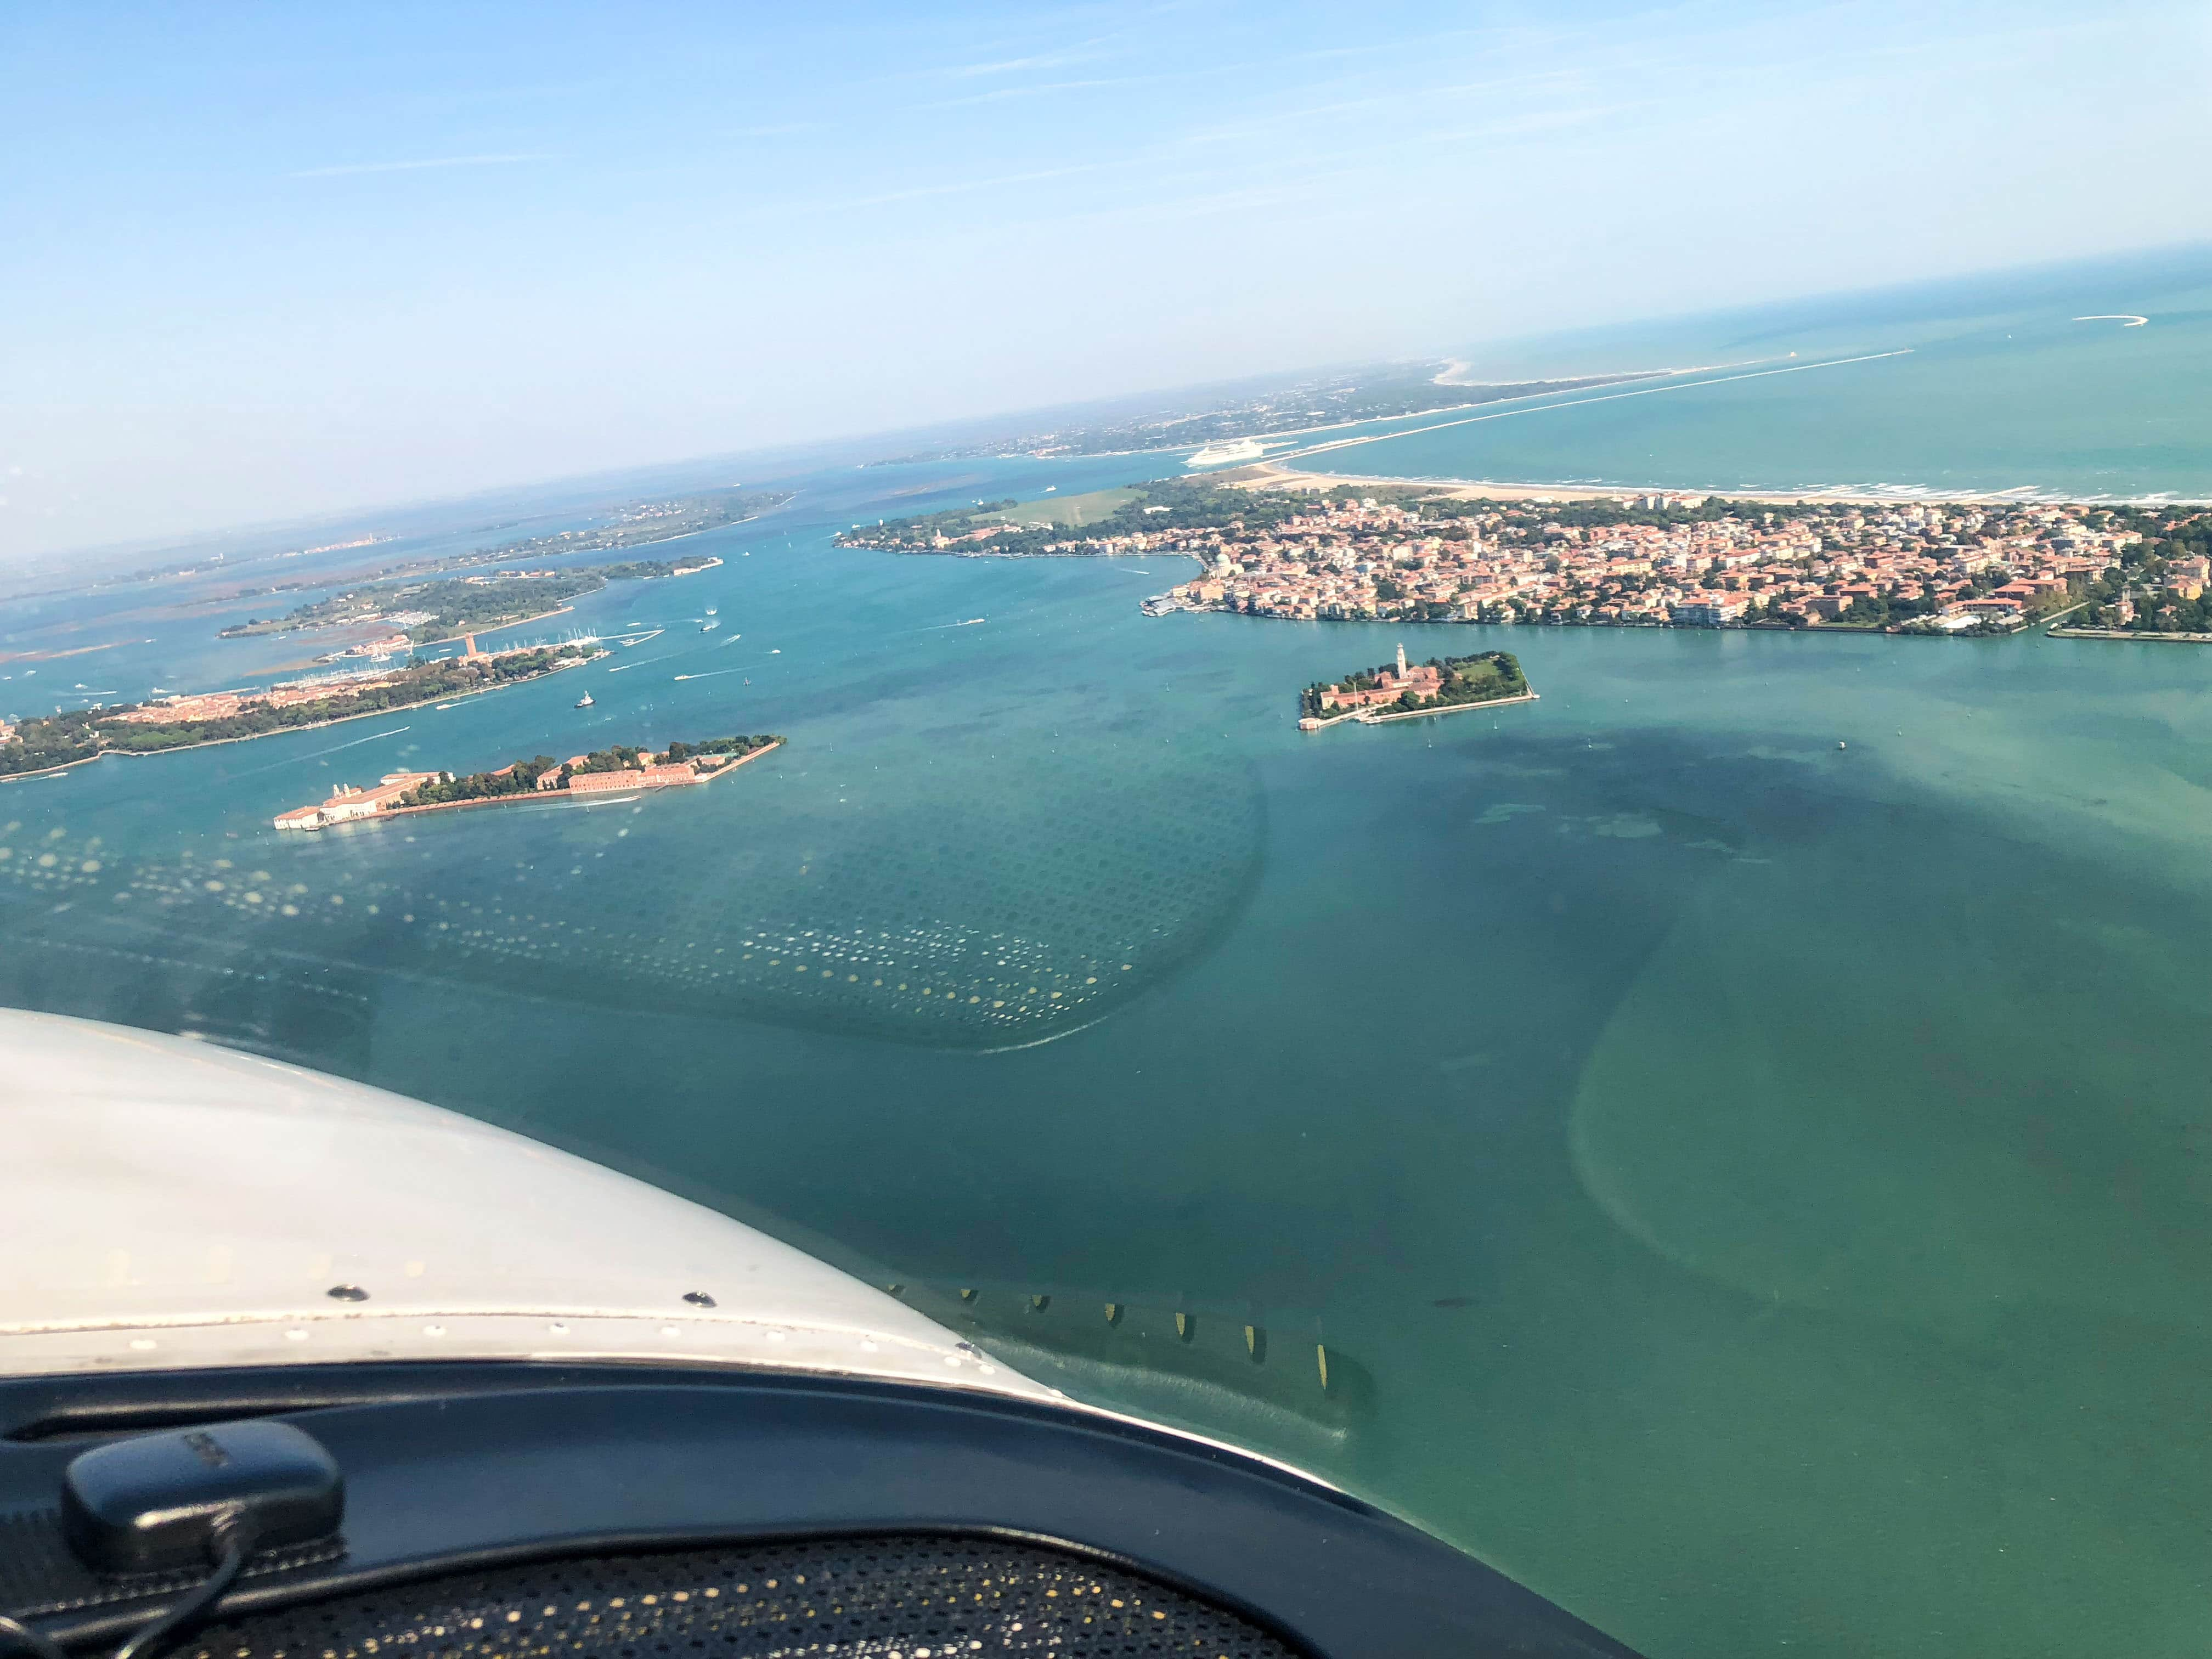 Der Flugplatz Venedig LIDO liegt einfach top.